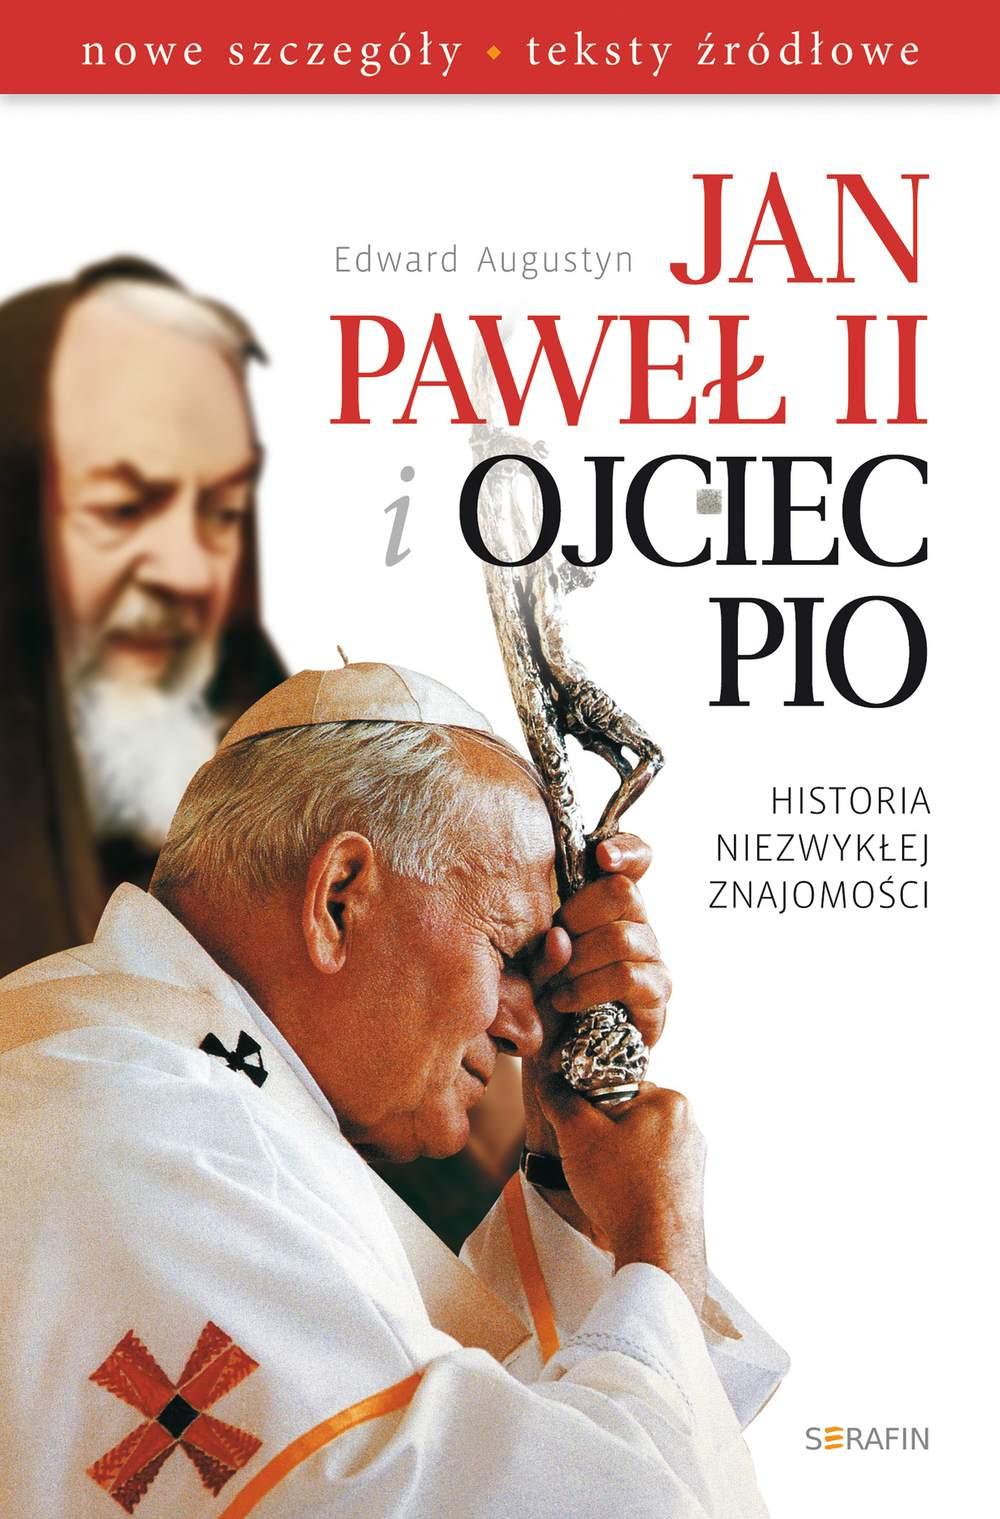 Jan Paweł II i Ojciec Pio. Historia niezwykłej znajomości - Ebook (Książka EPUB) do pobrania w formacie EPUB